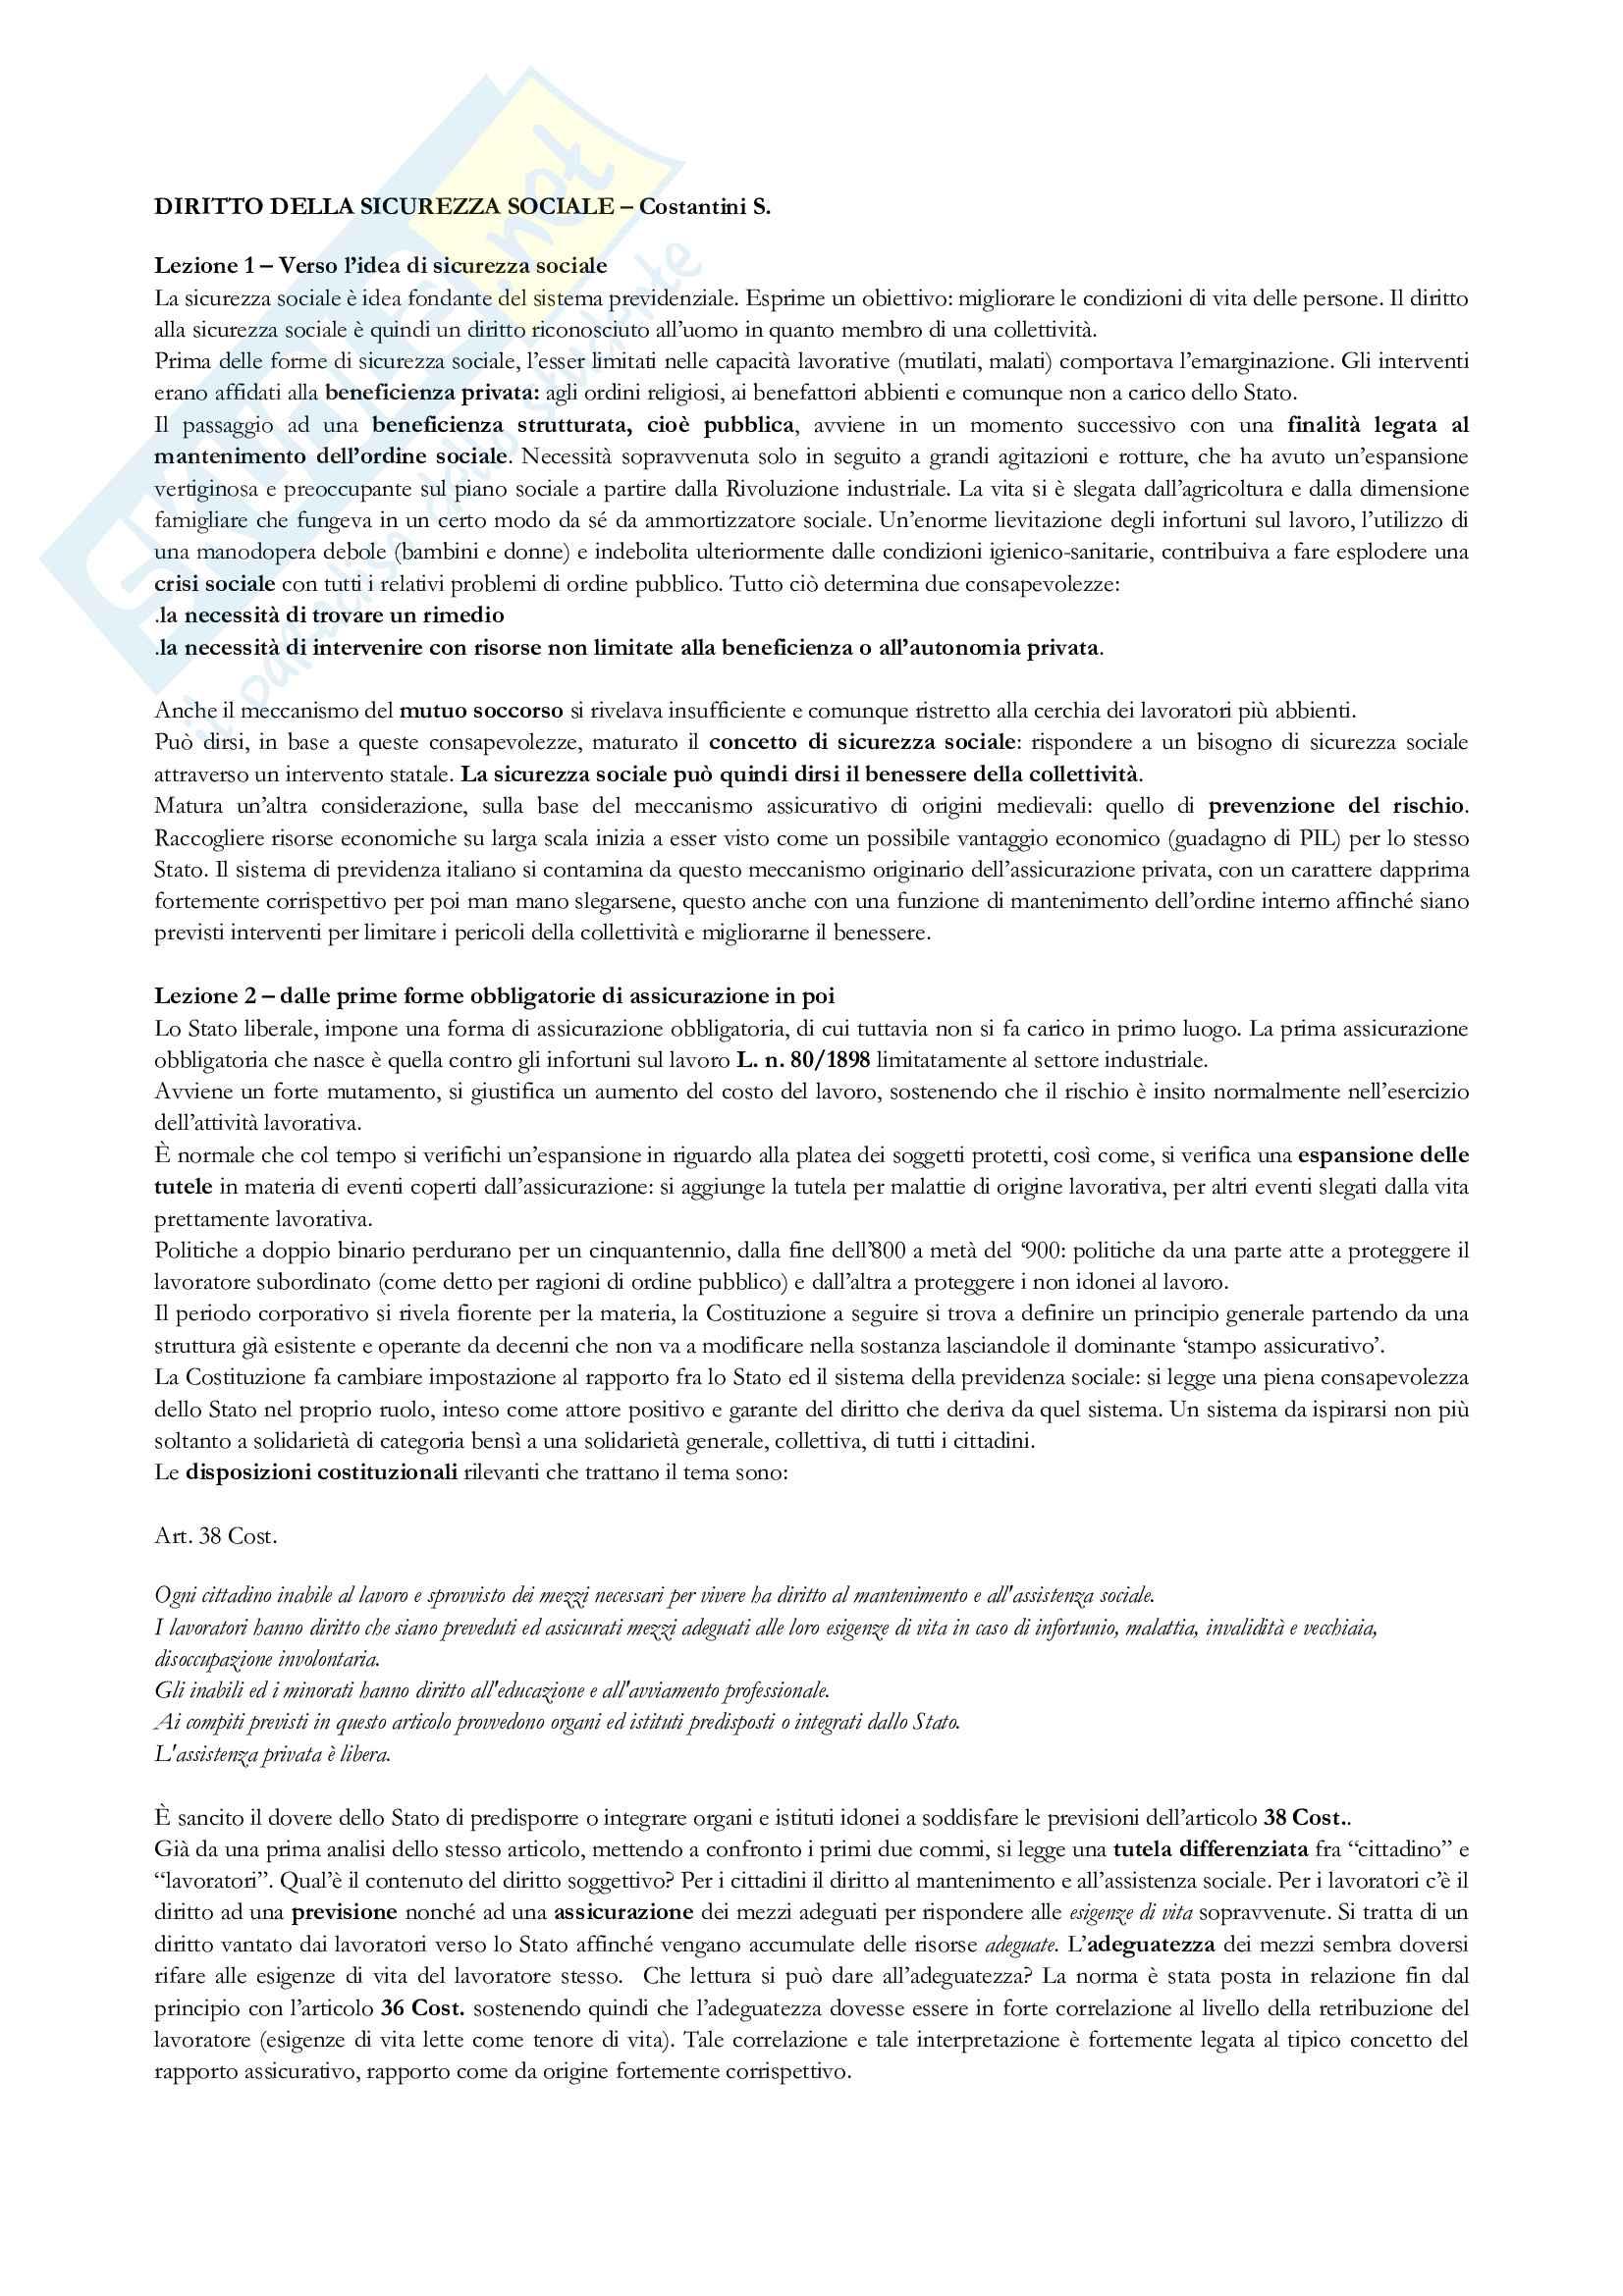 Appunti per l'esame di diritto della sicurezza sociale